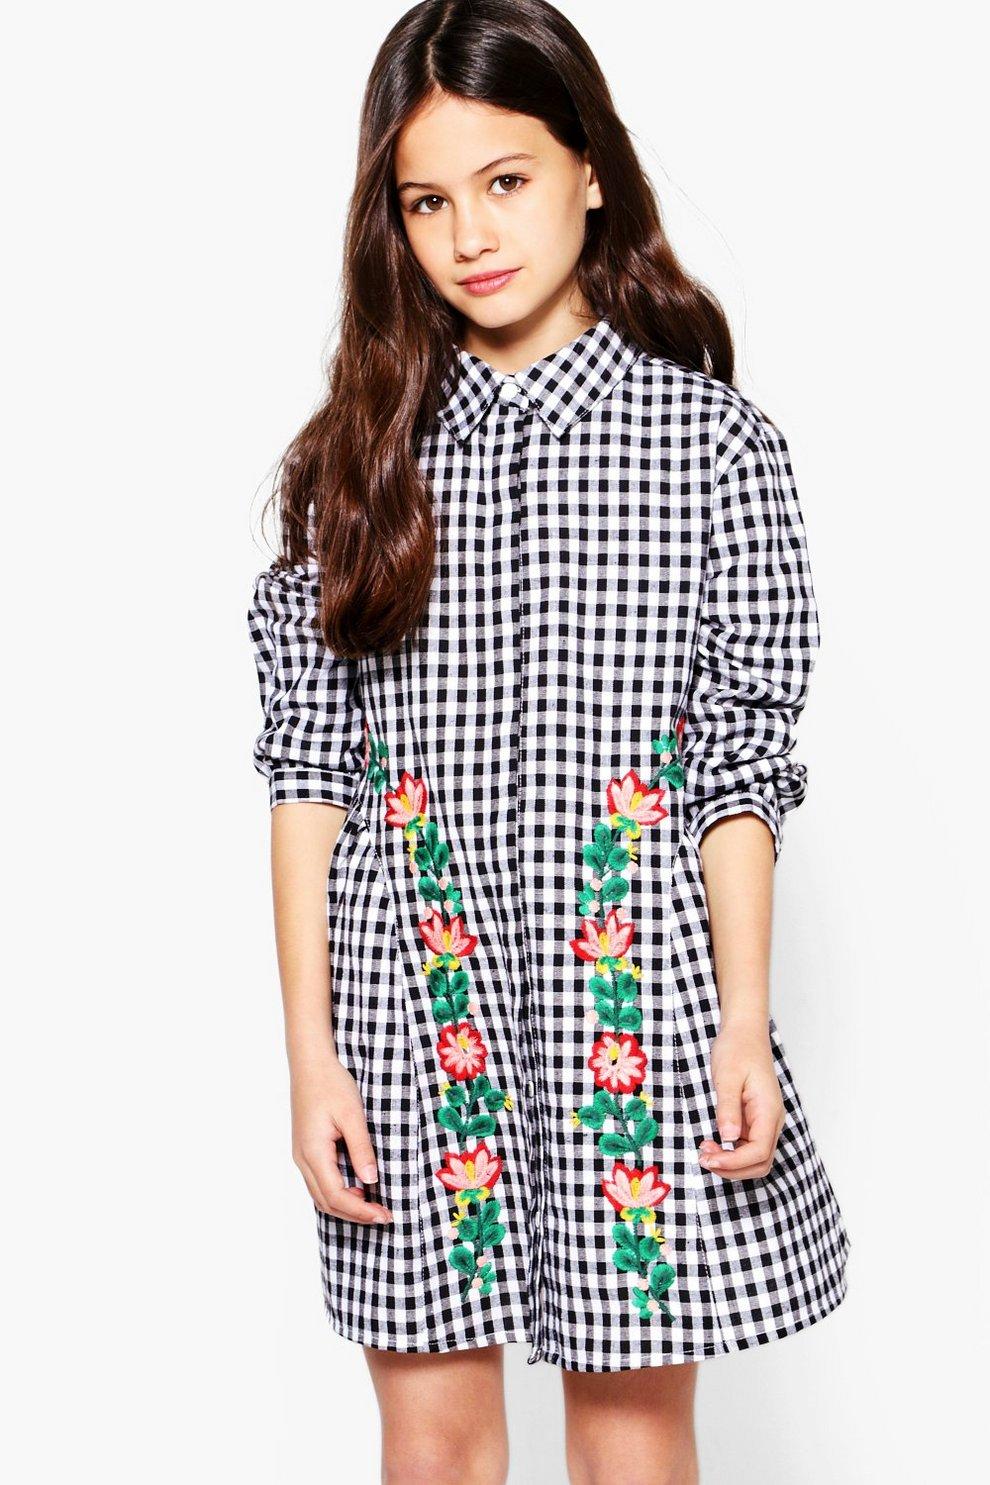 2a66bb48c1f Pour filles robe chemise à carreaux vichy